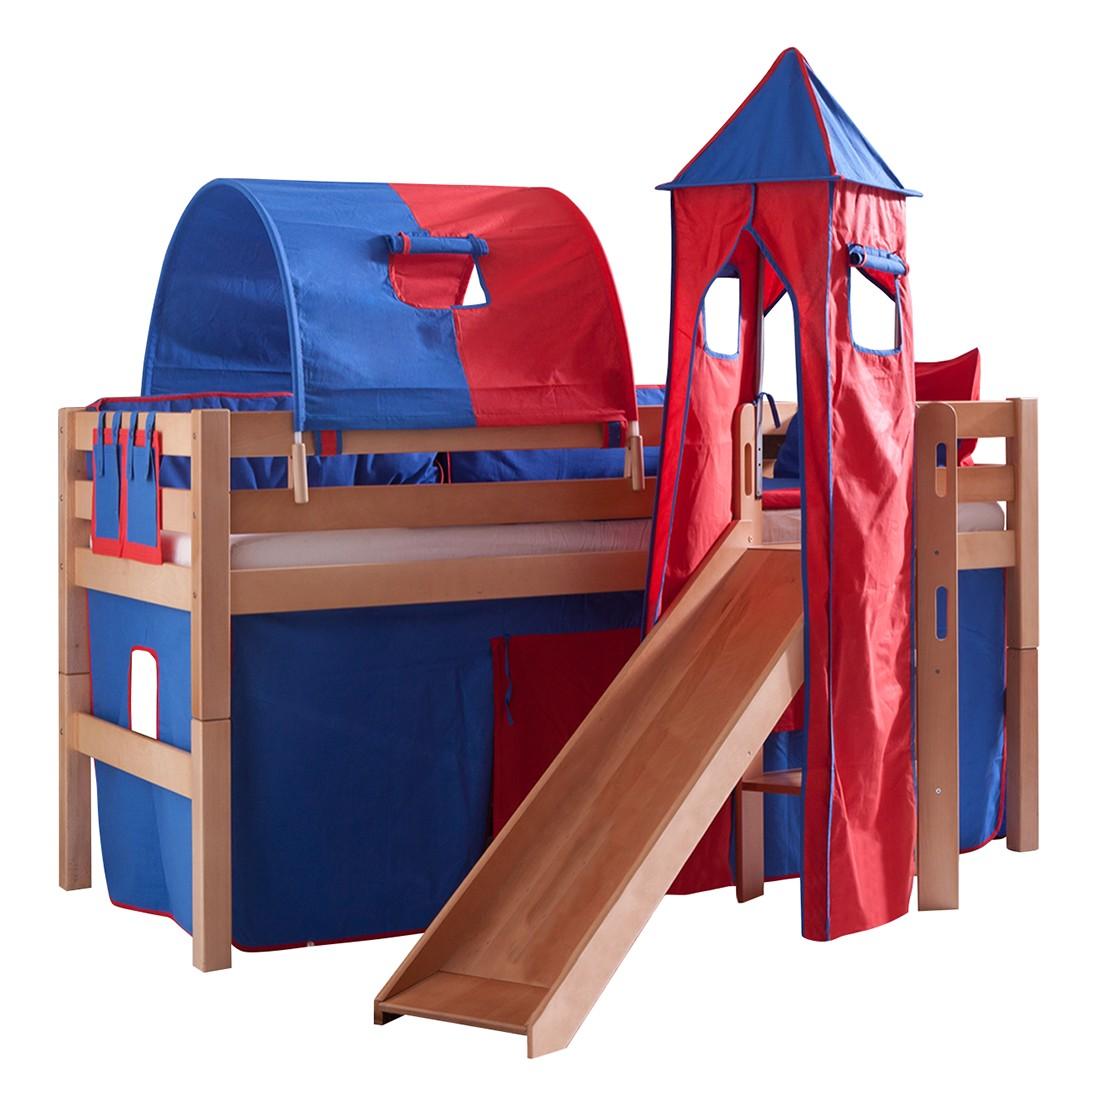 Spielbett Eliyas - Rutsche, Vorhang, Tunnel, Turm und Tasche - Buche natur/Textil blau-rot, Relita